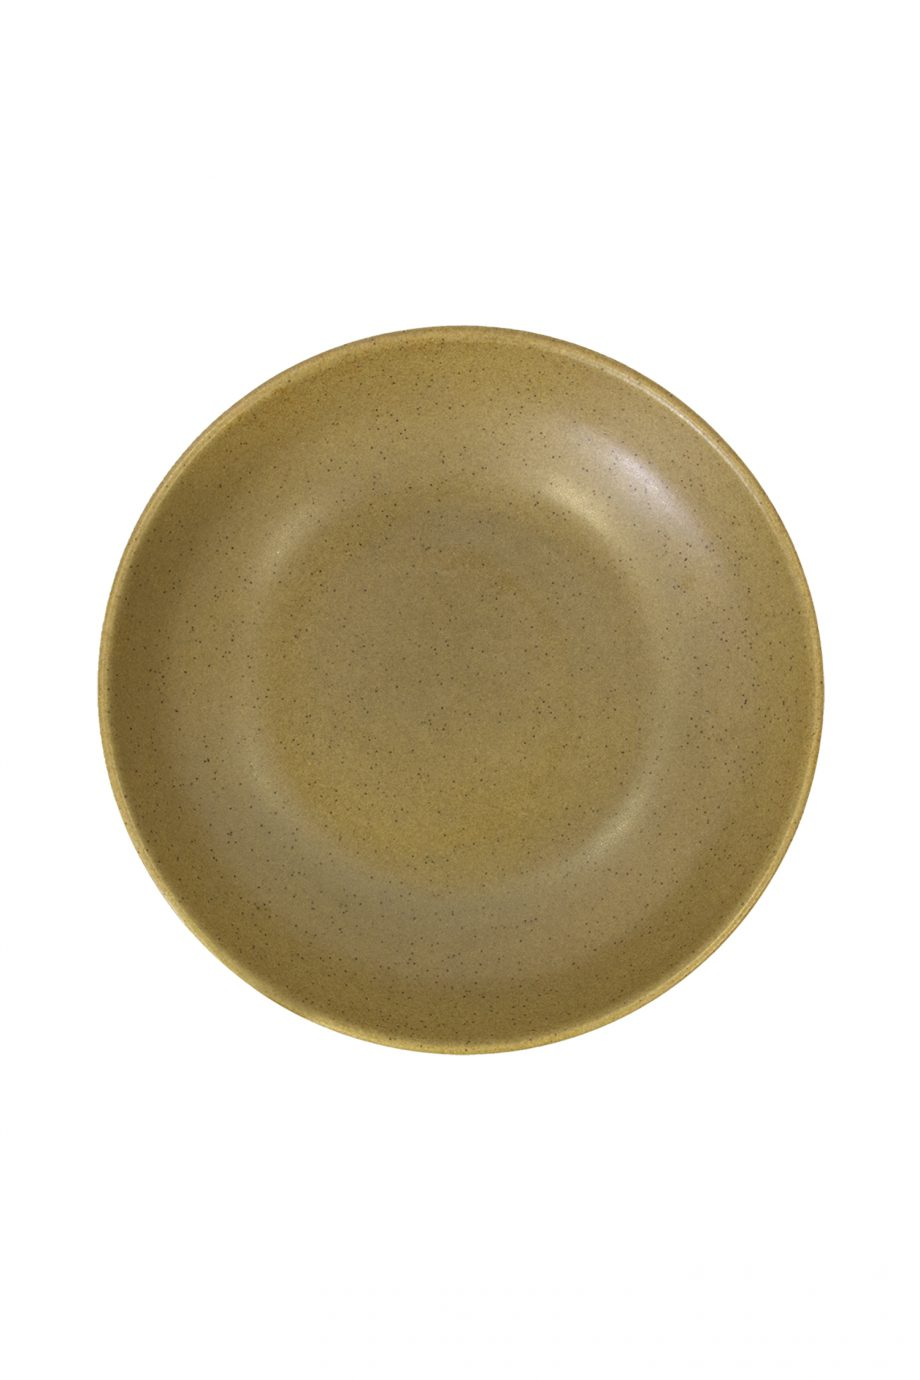 salade kom mosterd mat ceramic aardewerk large